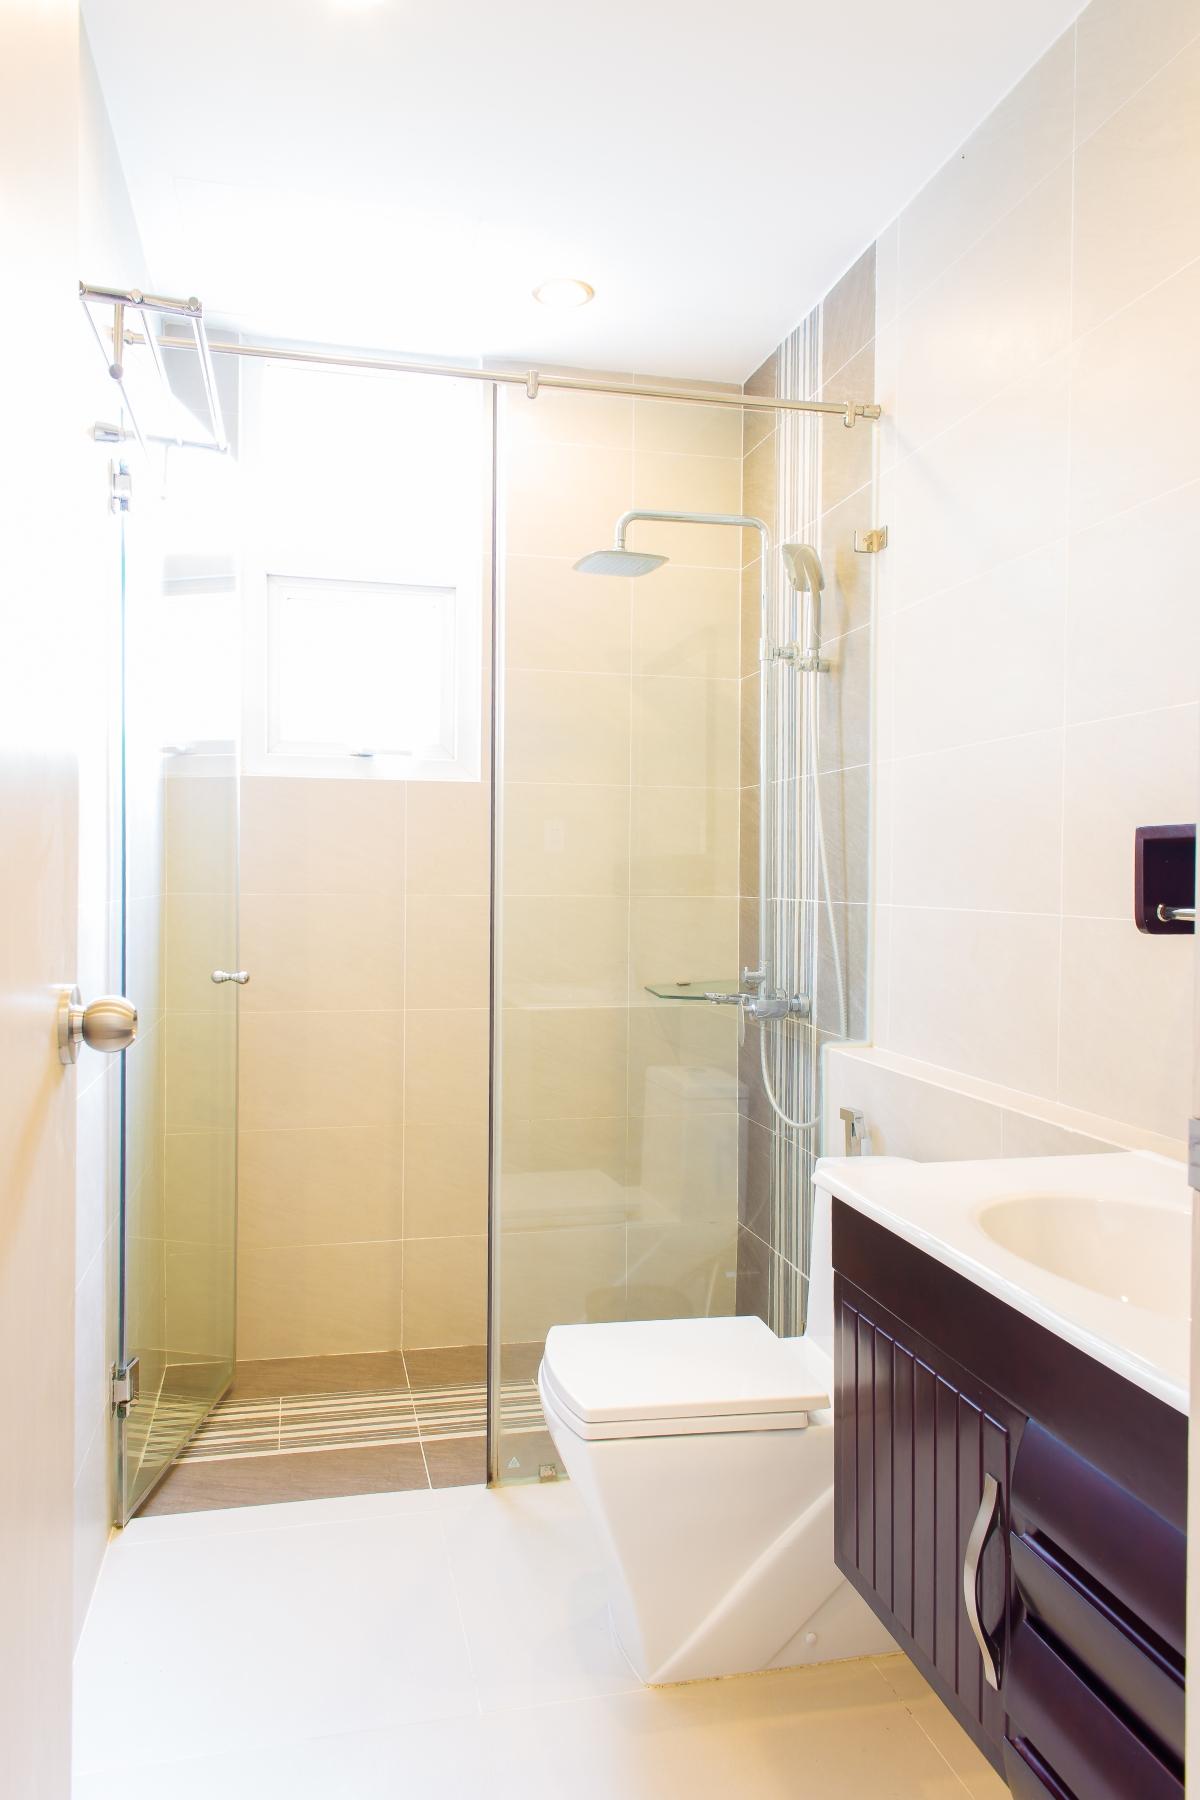 Nhà vệ sinh chính với buồn tắm đứng căn hộ hướng Bắc SEM Residence Căn hộ hướng Bắc SEM Residence